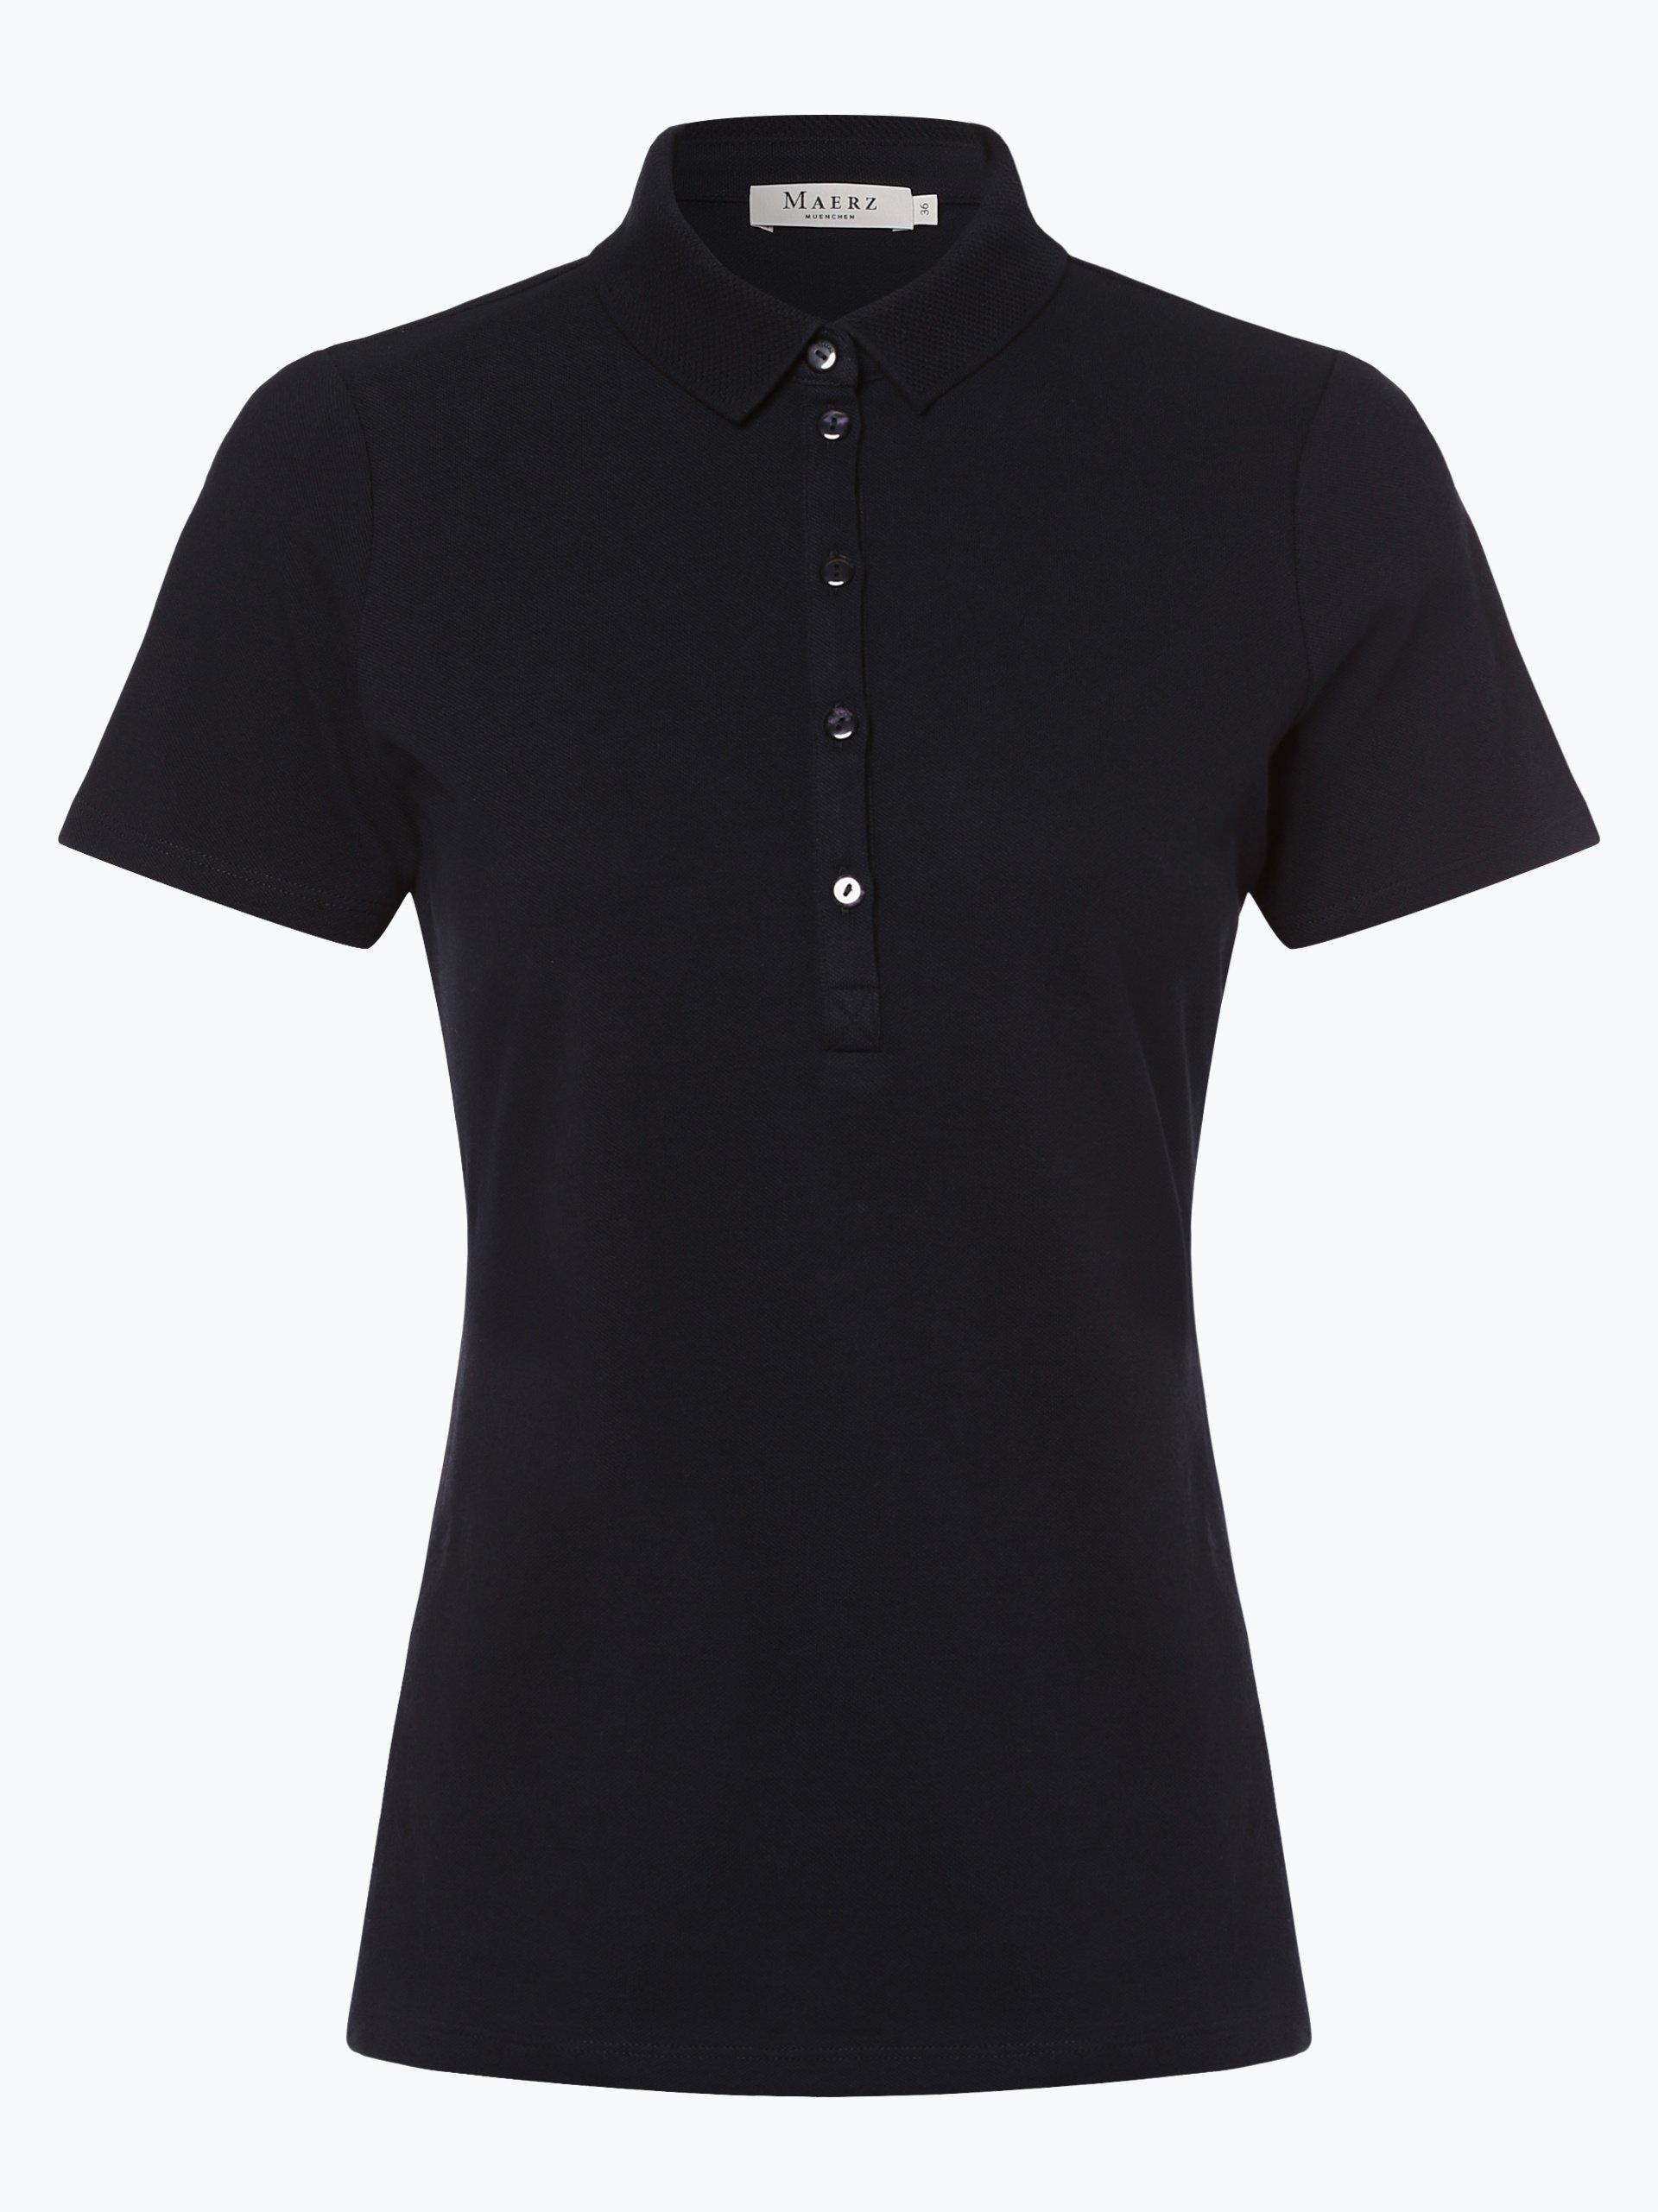 MAERZ Damen Poloshirt